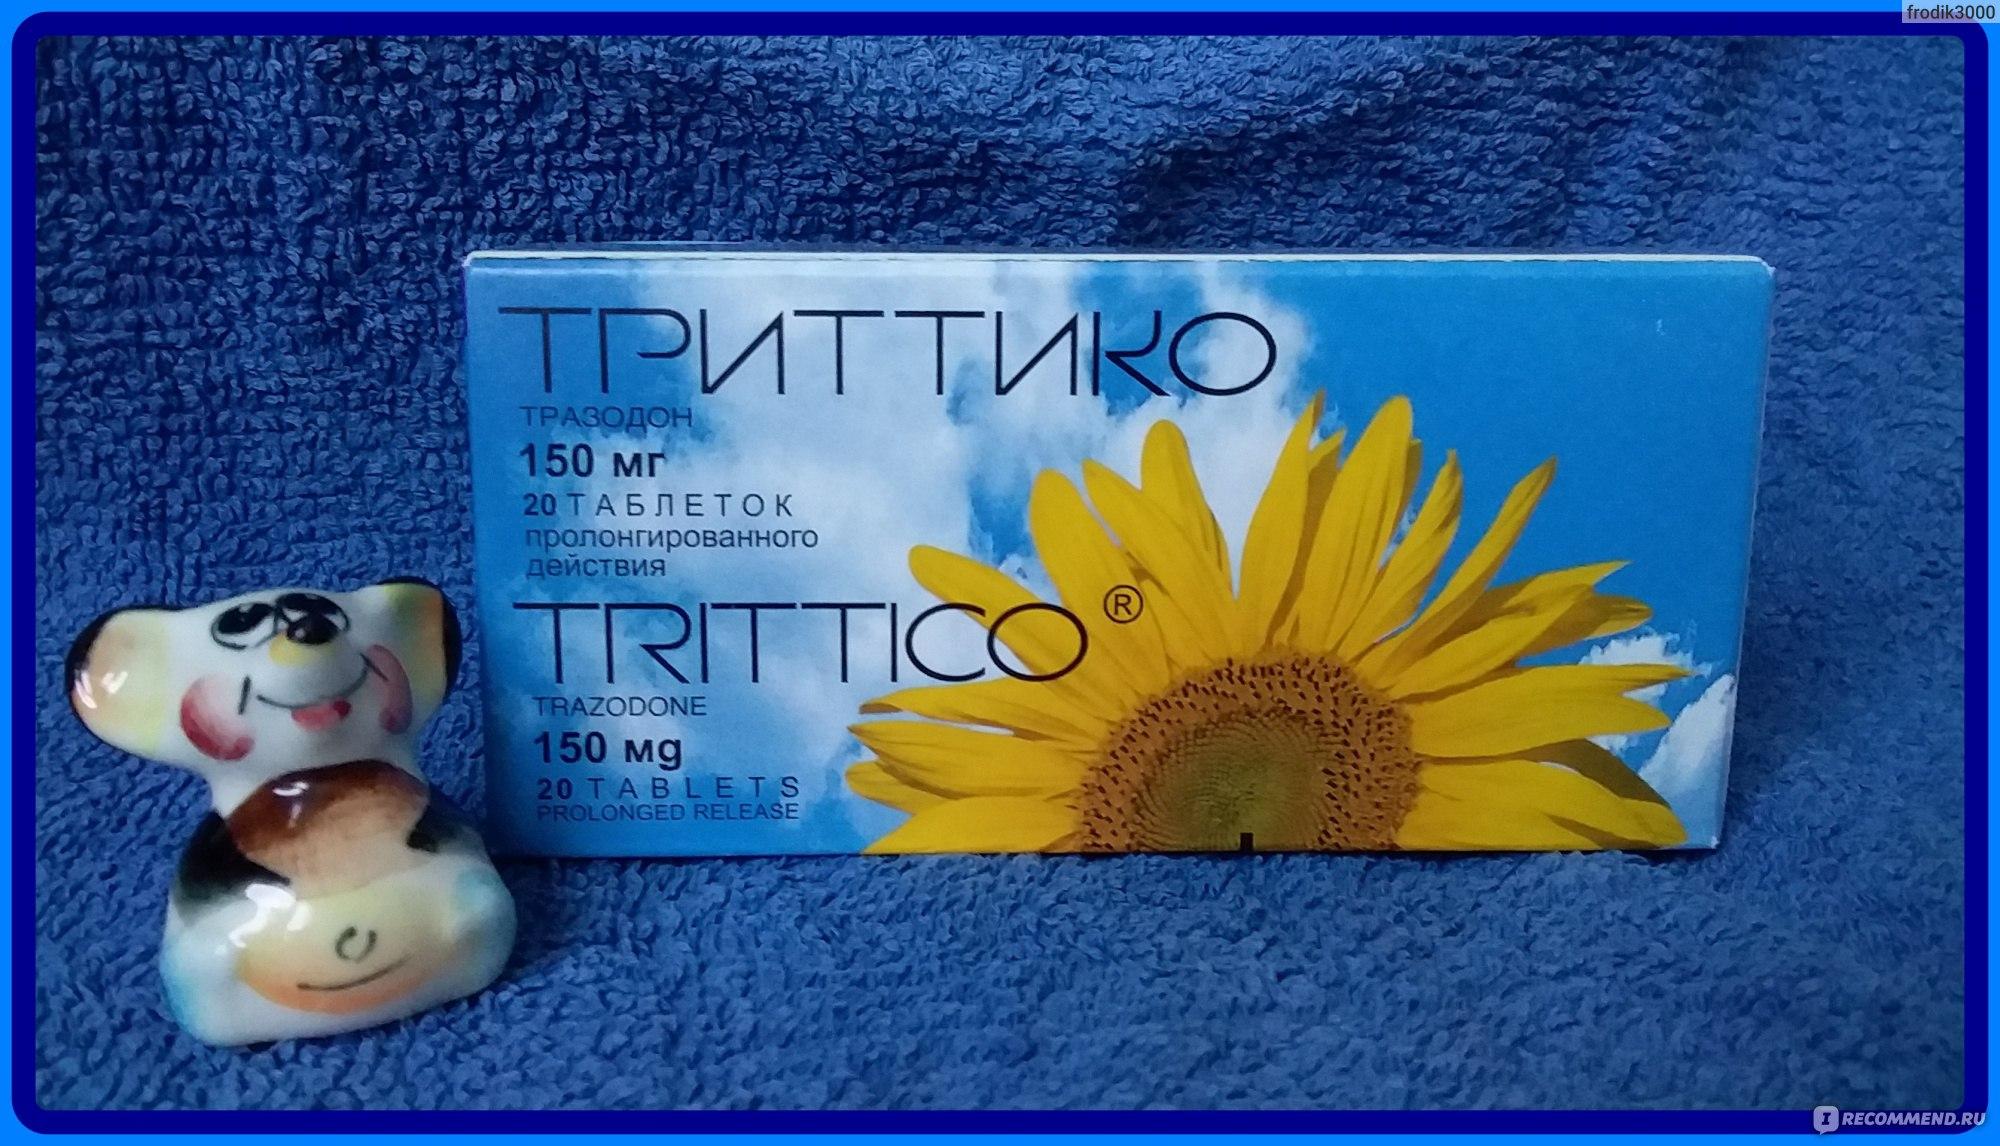 Триттико: инструкция по применению, отзывы врачей и пациентов, побочные эффекты, аналоги